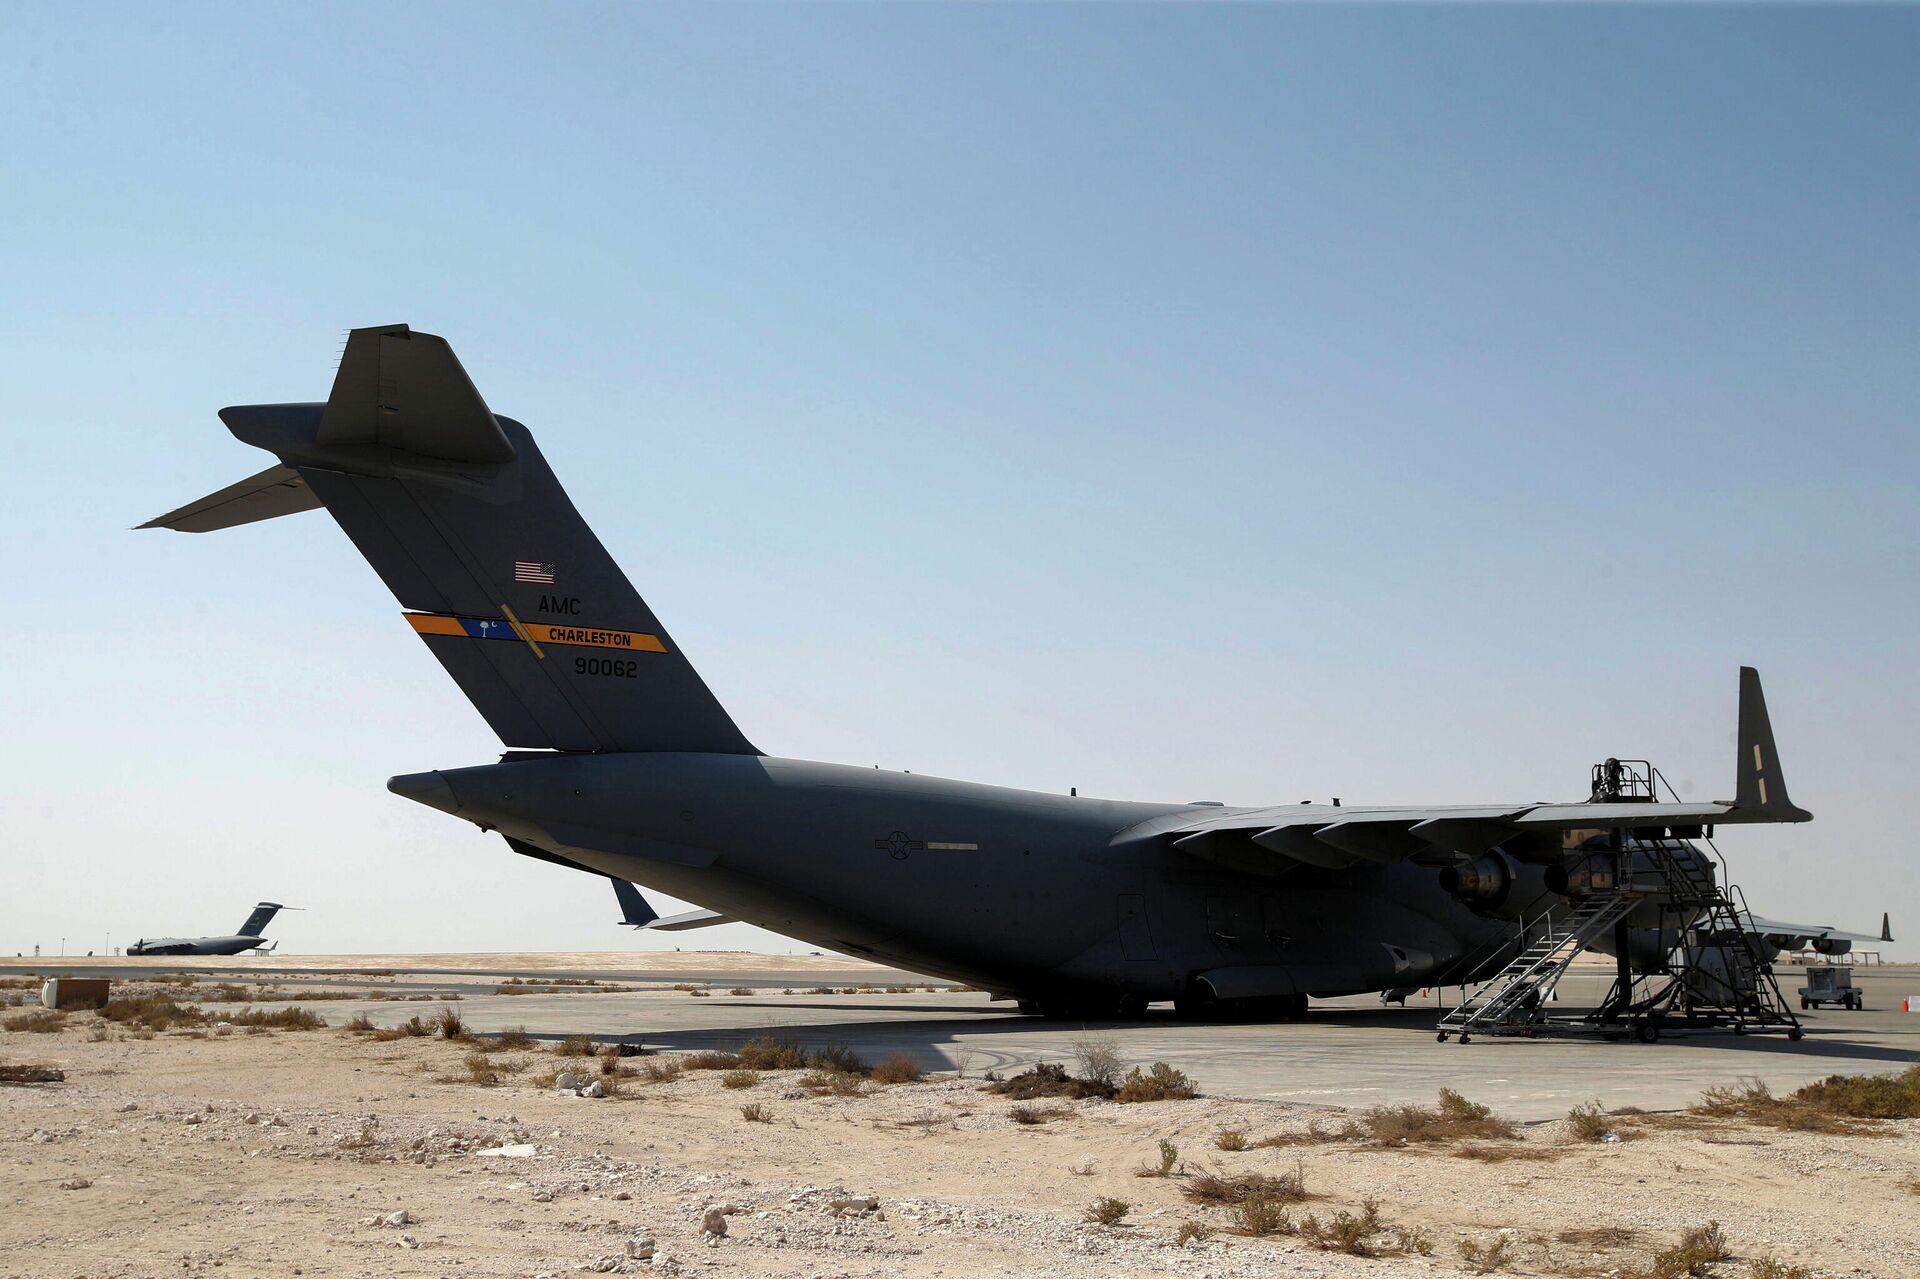 Aviones de la Fuerza Aérea de EEUU, que se utilizaron para evacuar a personas de Afganistán, en la base aérea de Al Udeid en Doha, Catar, el 4 de septiembre de 2021 - Sputnik Mundo, 1920, 04.09.2021